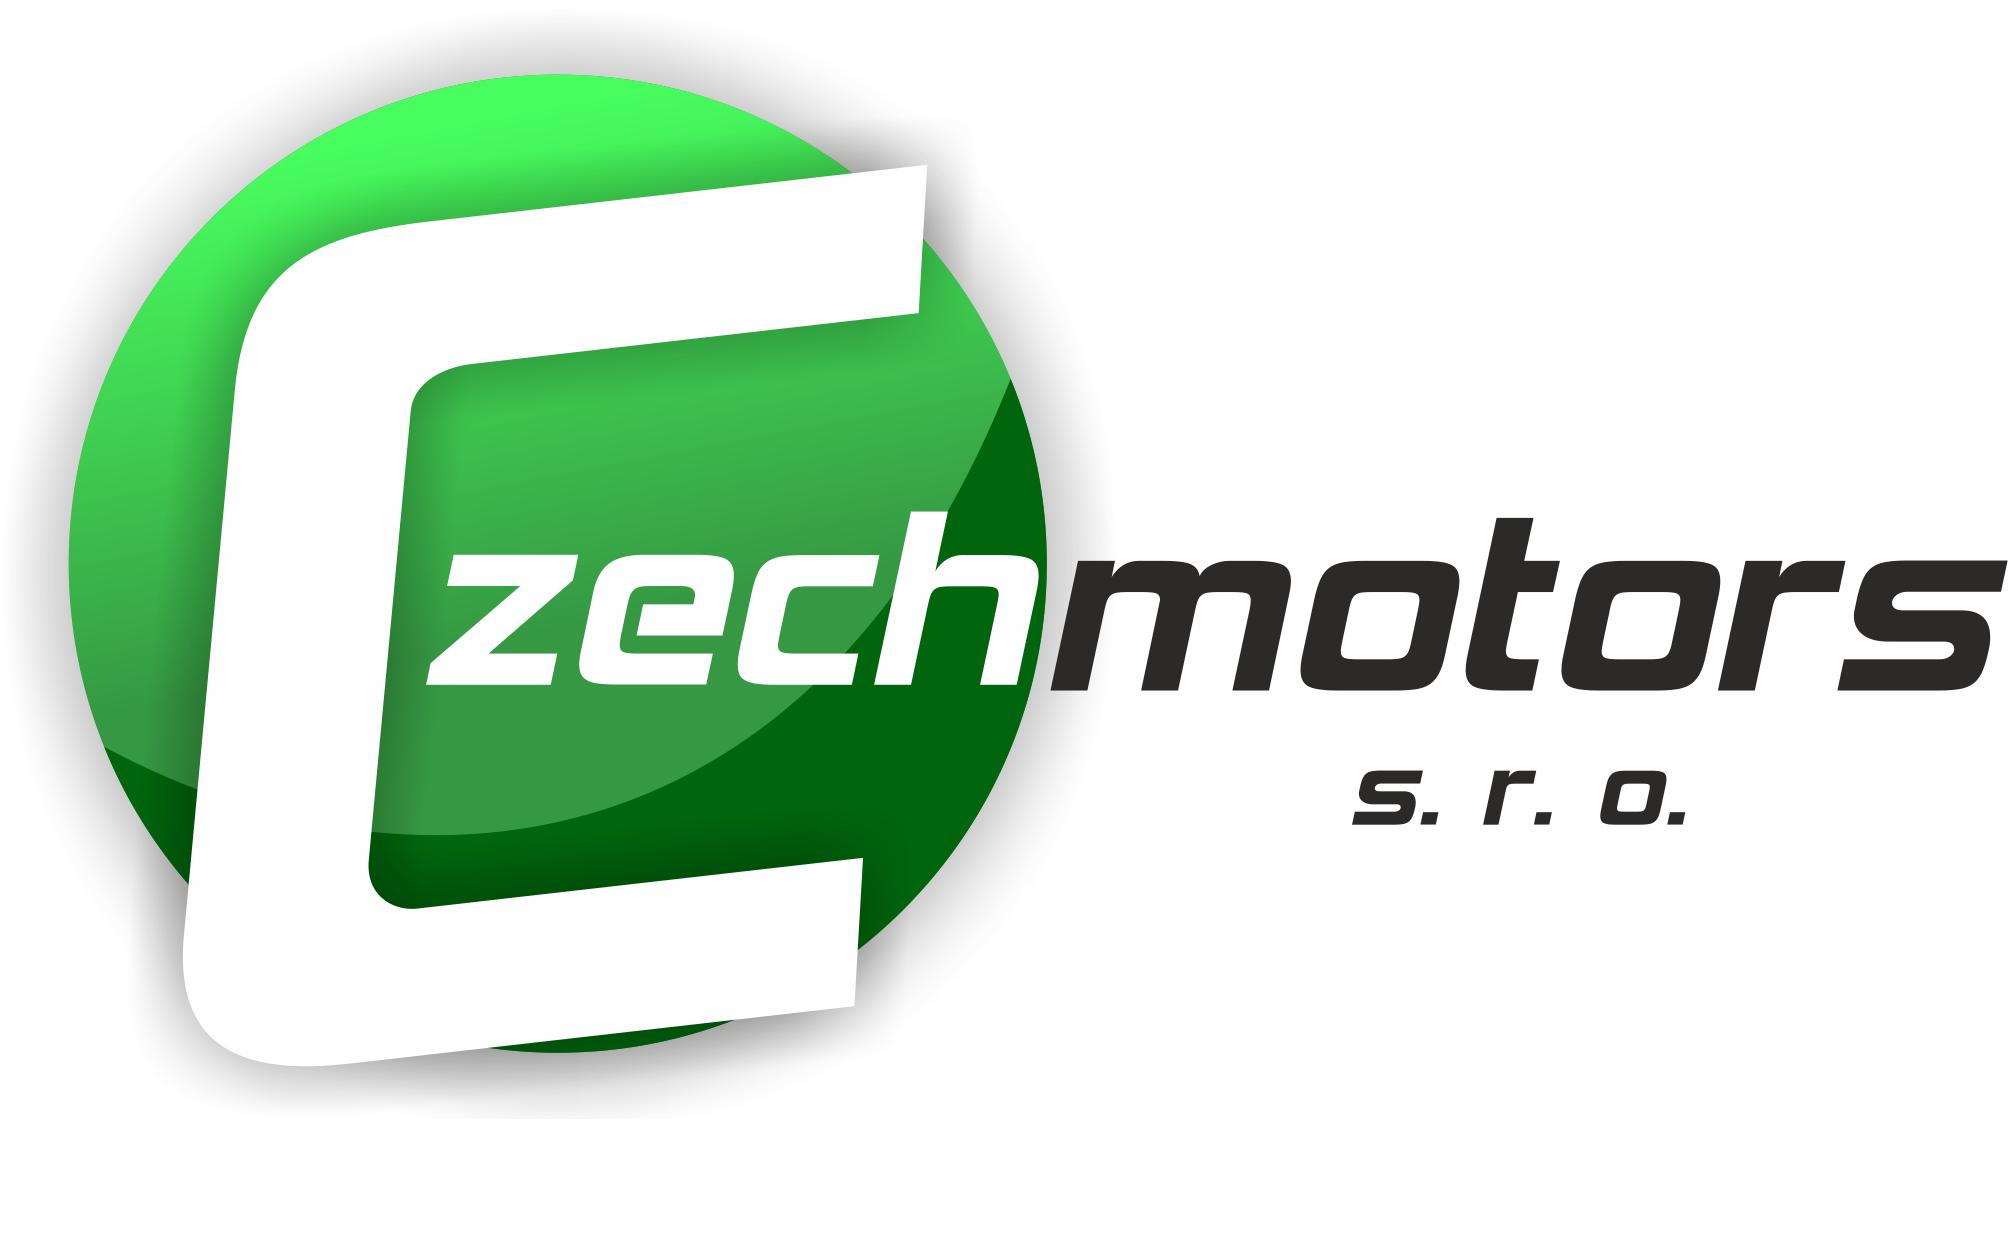 Czech motors s.r.o.